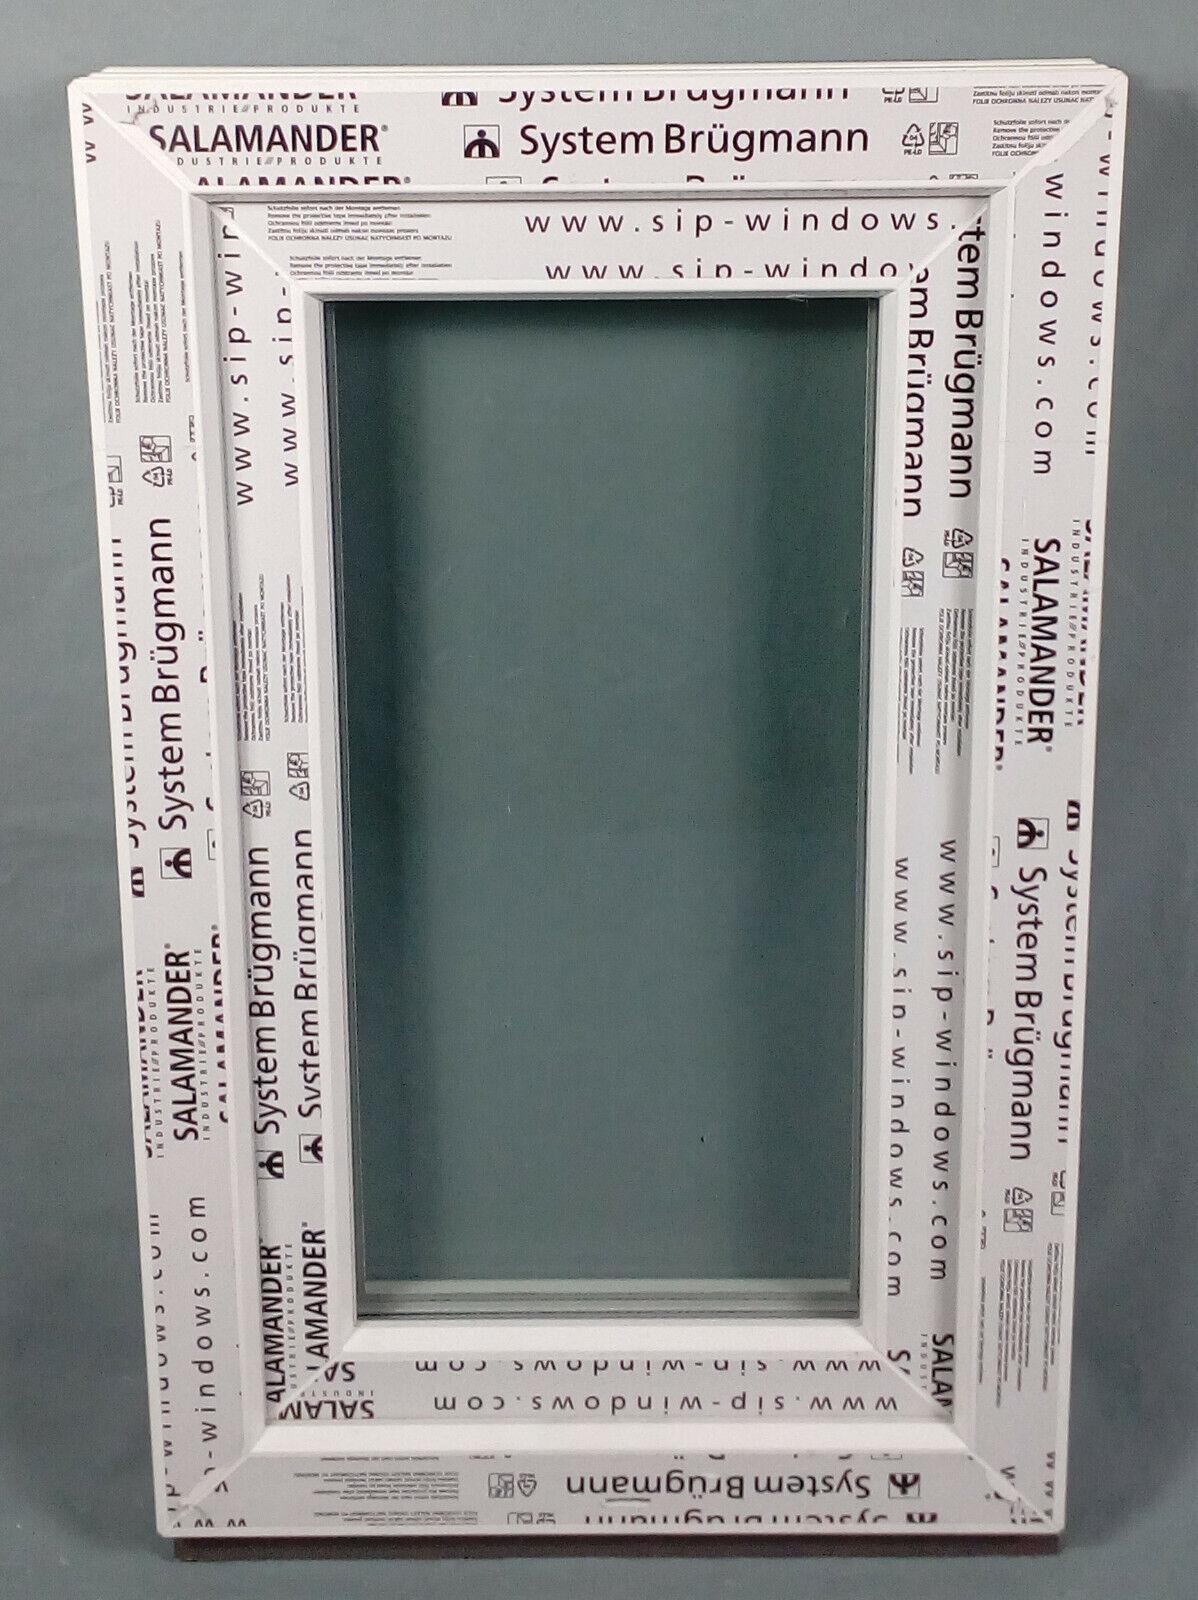 Kunststofffenster Fenster Salamander, 50x80 cm bxh, weiß